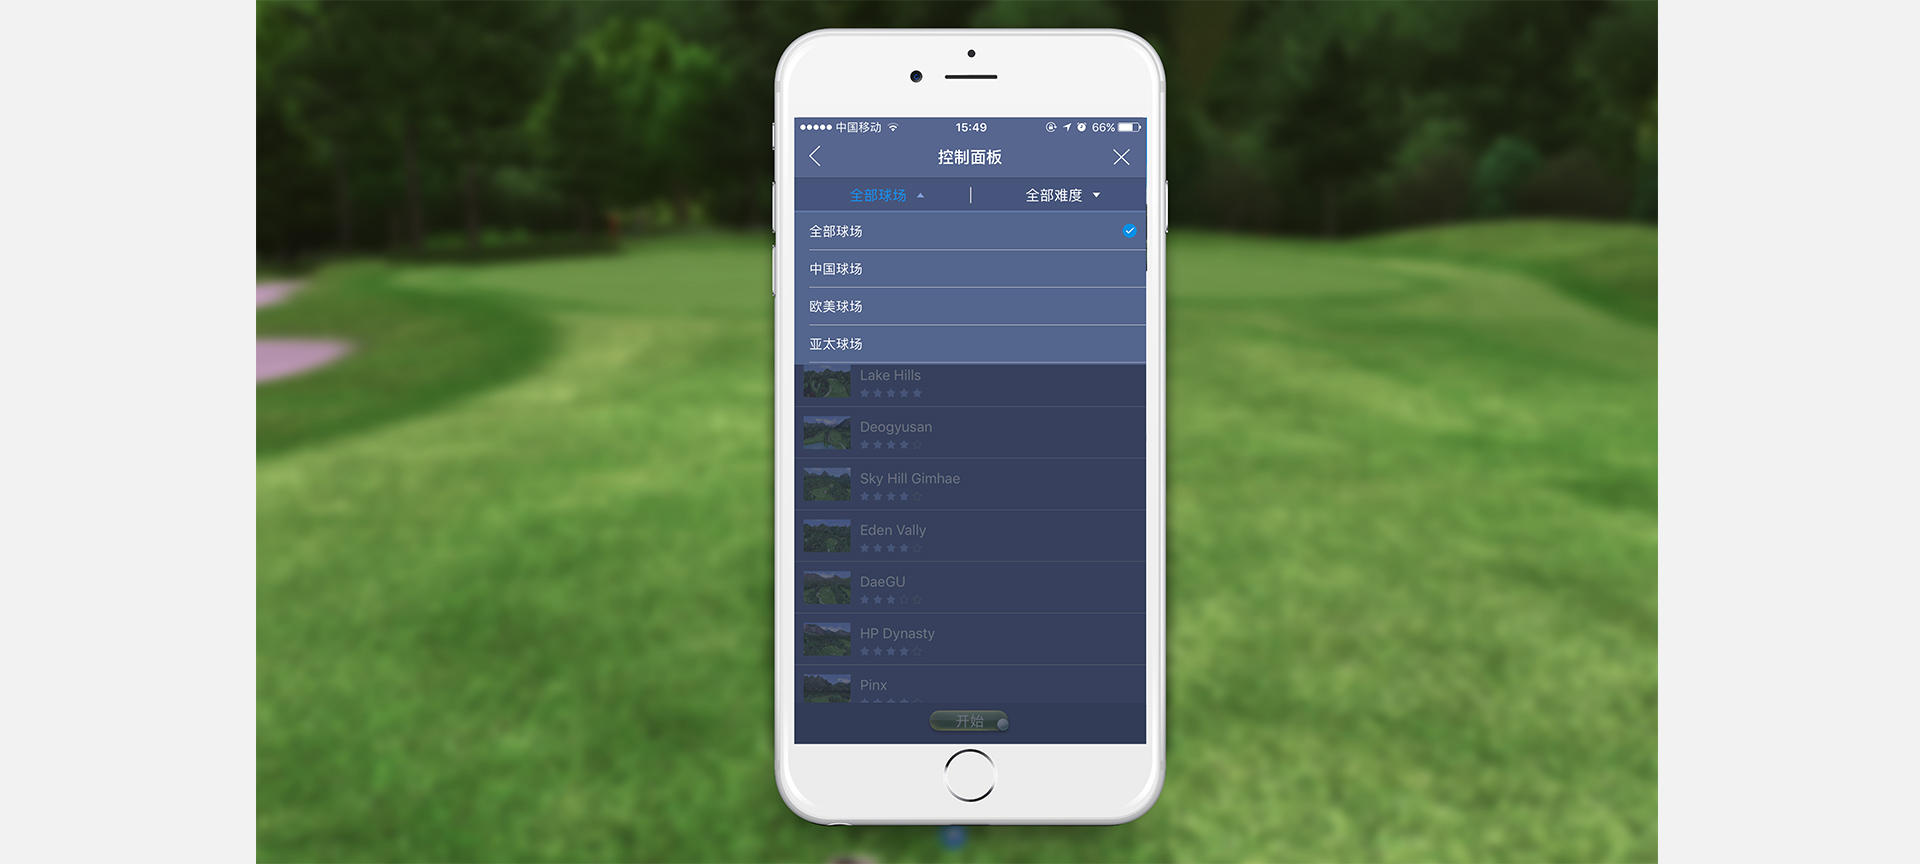 衡泰信模拟高尔夫新功能3.jpg